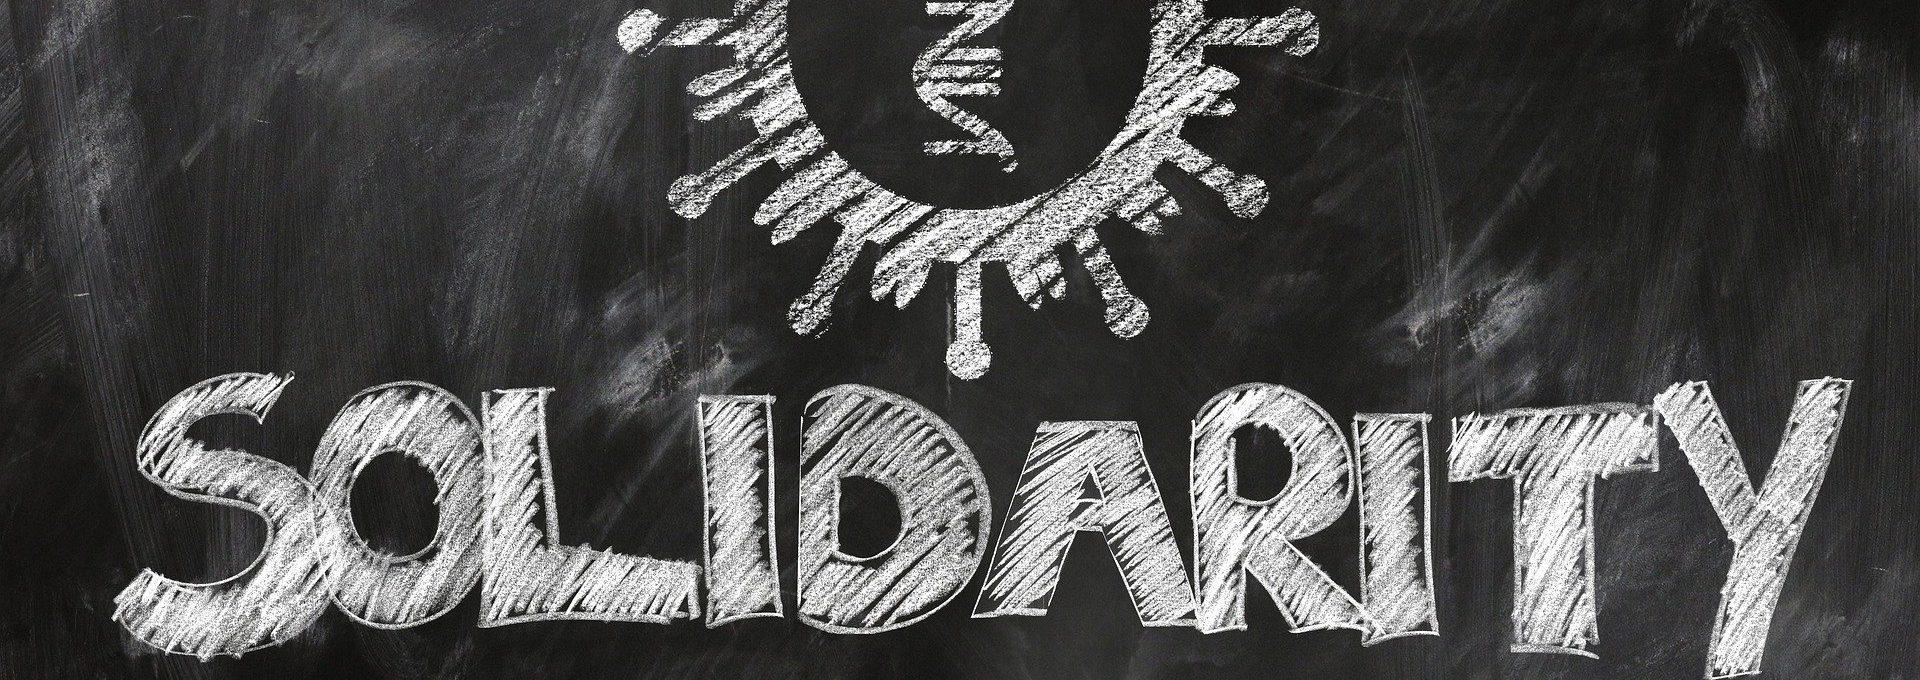 COVID-19 Solidarity